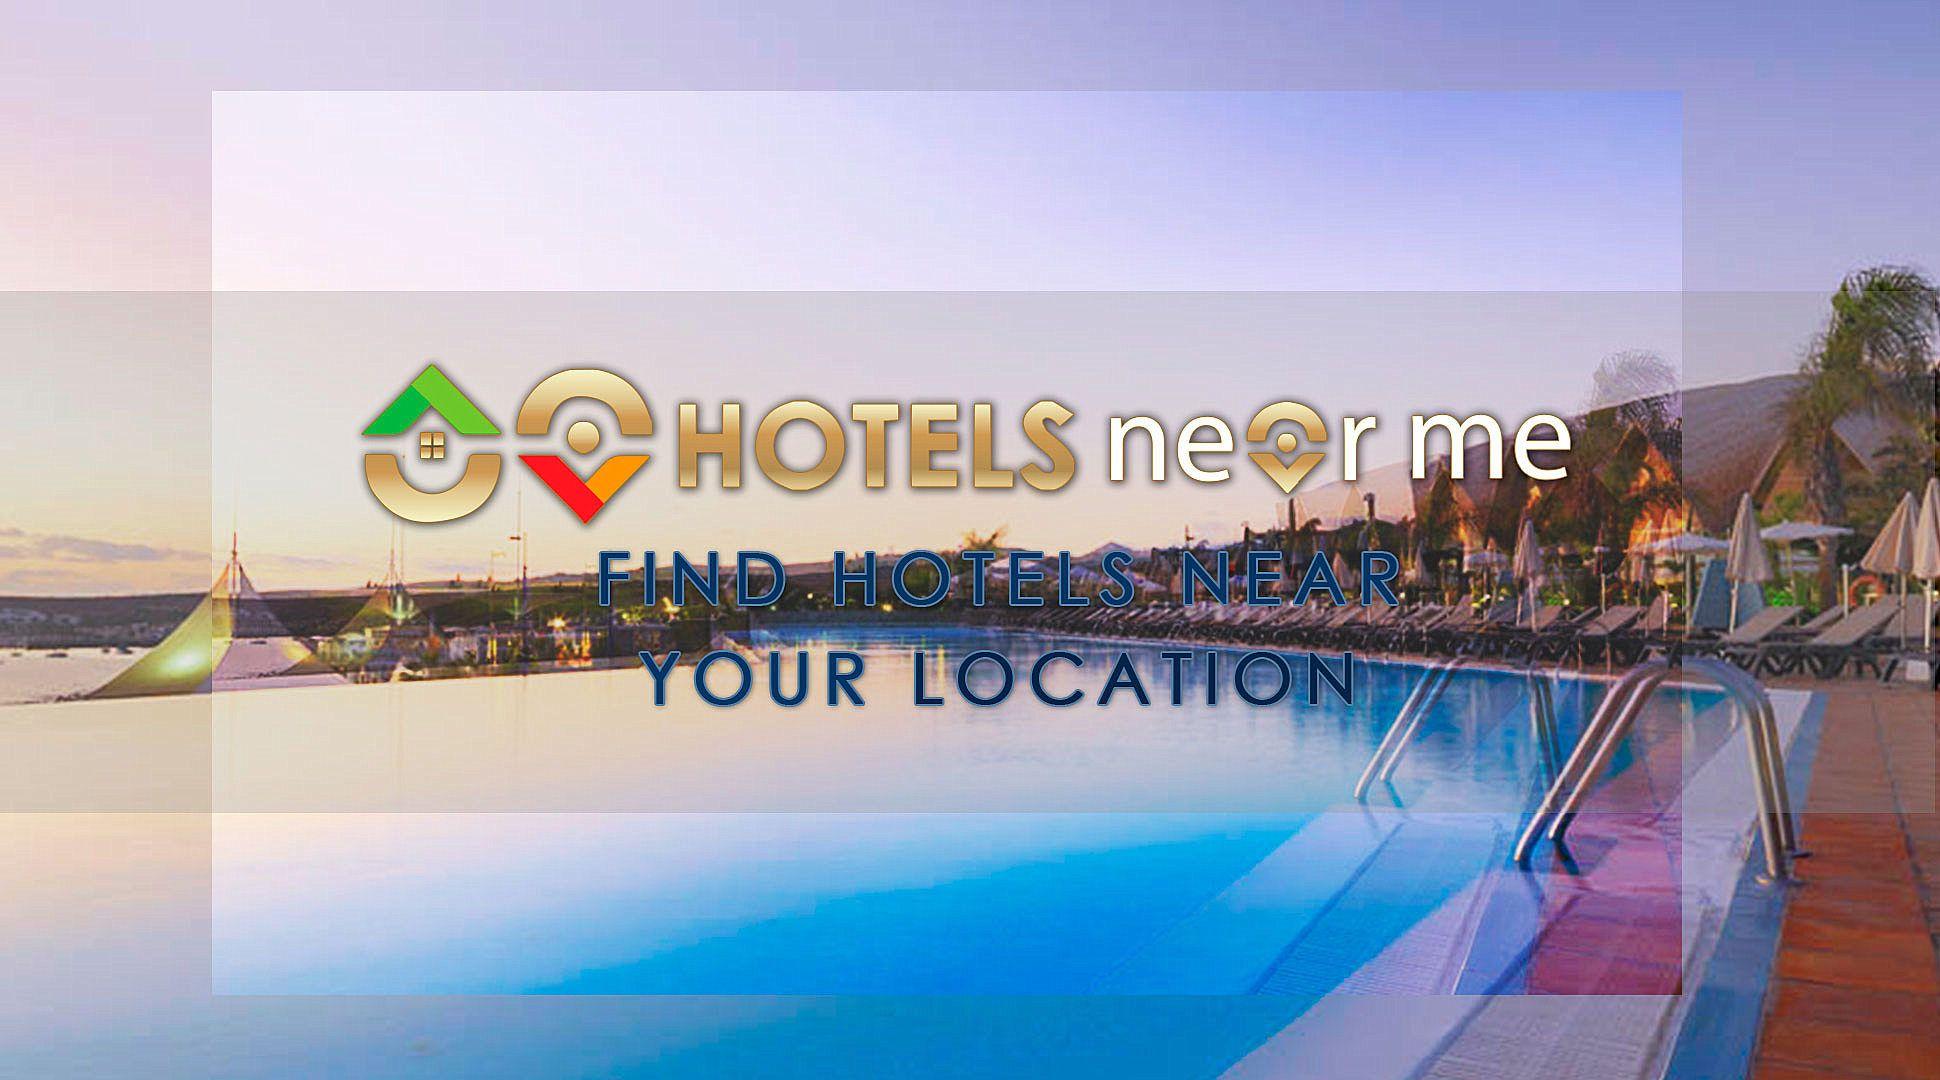 hotels near me now, cheap hotels near me now, hotel near